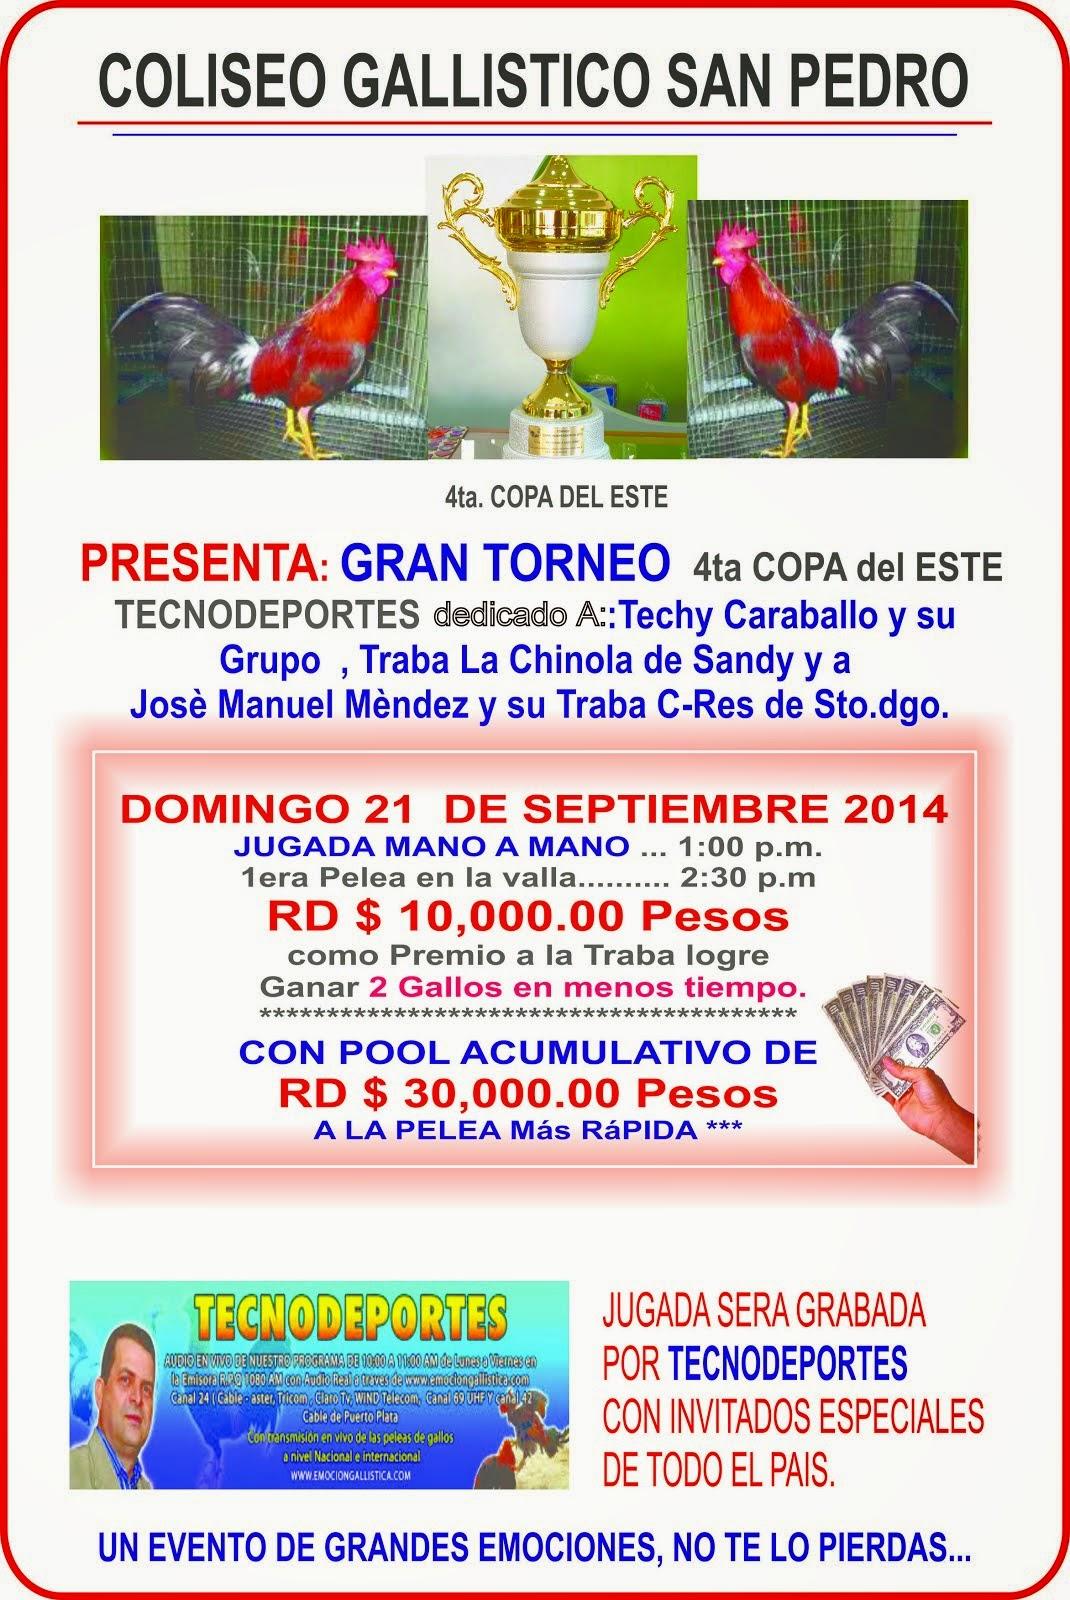 GRAN TORNEO 4TA. COPA DEL ESTE TECNODEPORTES  Domingo 21 de Septiembre 2014 en el Club San Pedro